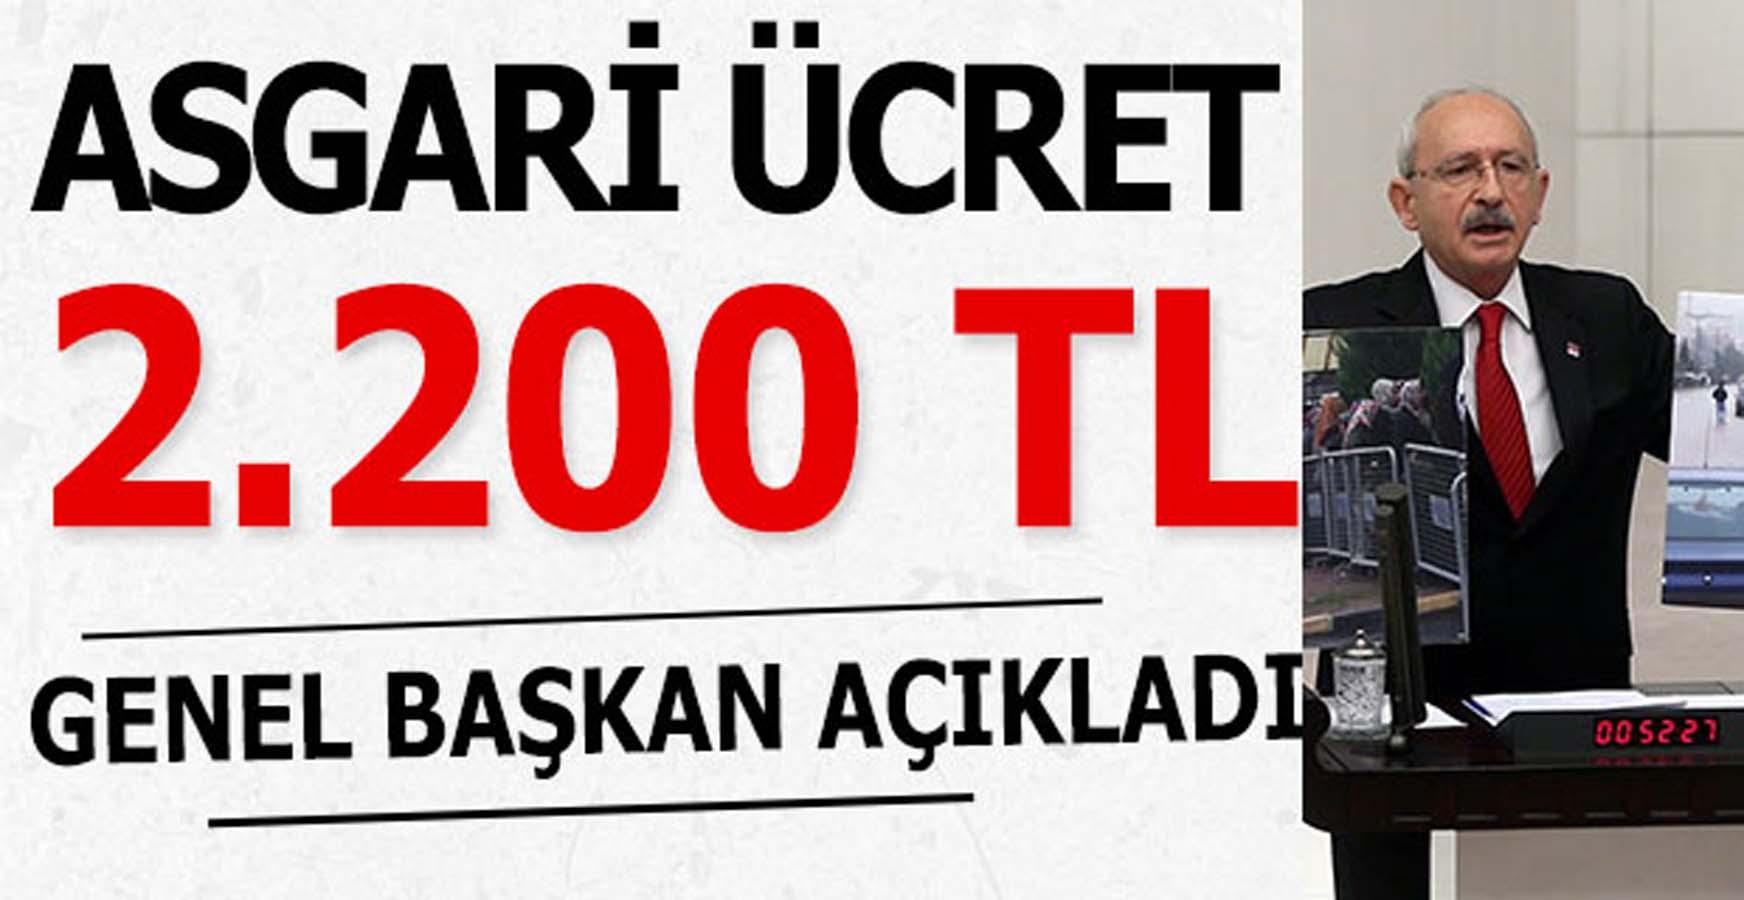 Genel Başkan Açıkladı Asgari Ücret 2 Bin 200 TL